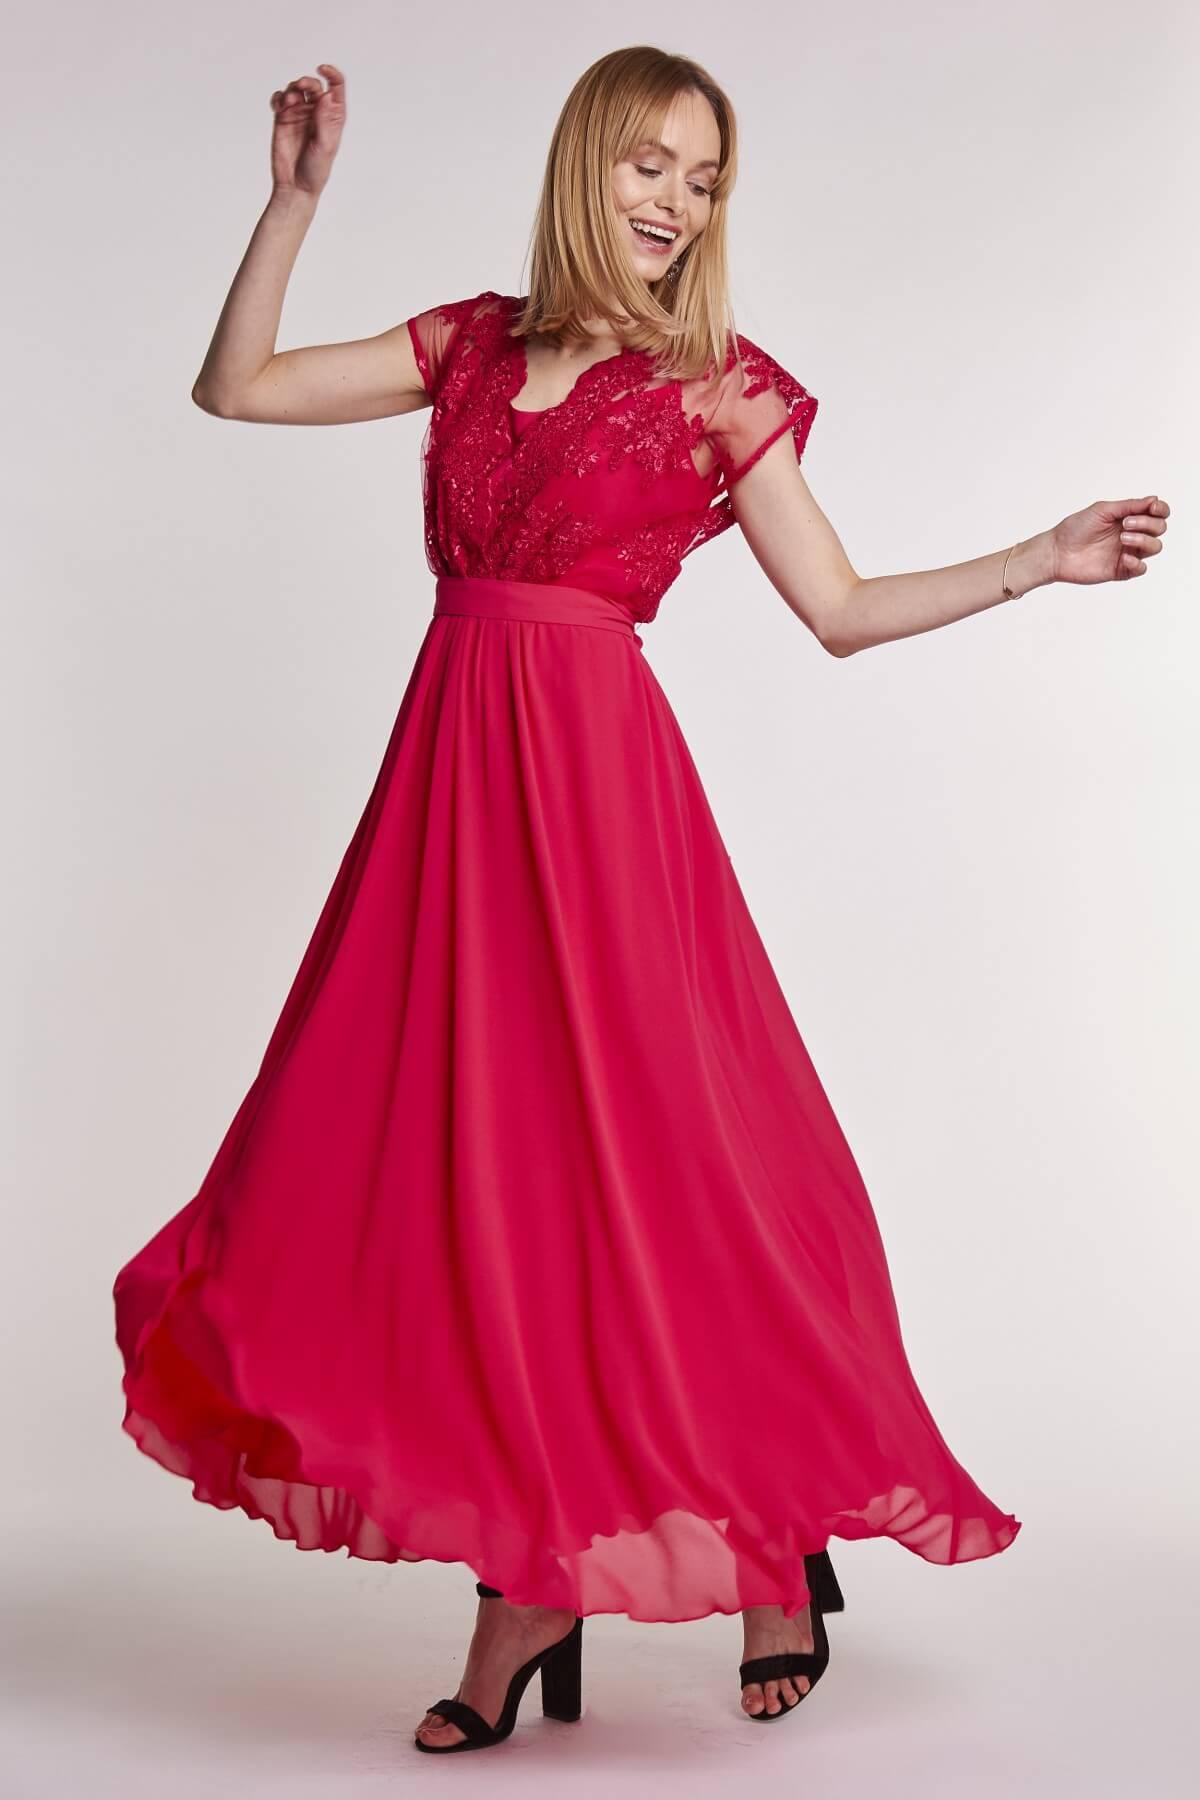 9245fd6e39 Jak wybrać odpowiednią kreację na wesele  - Blog o modzie